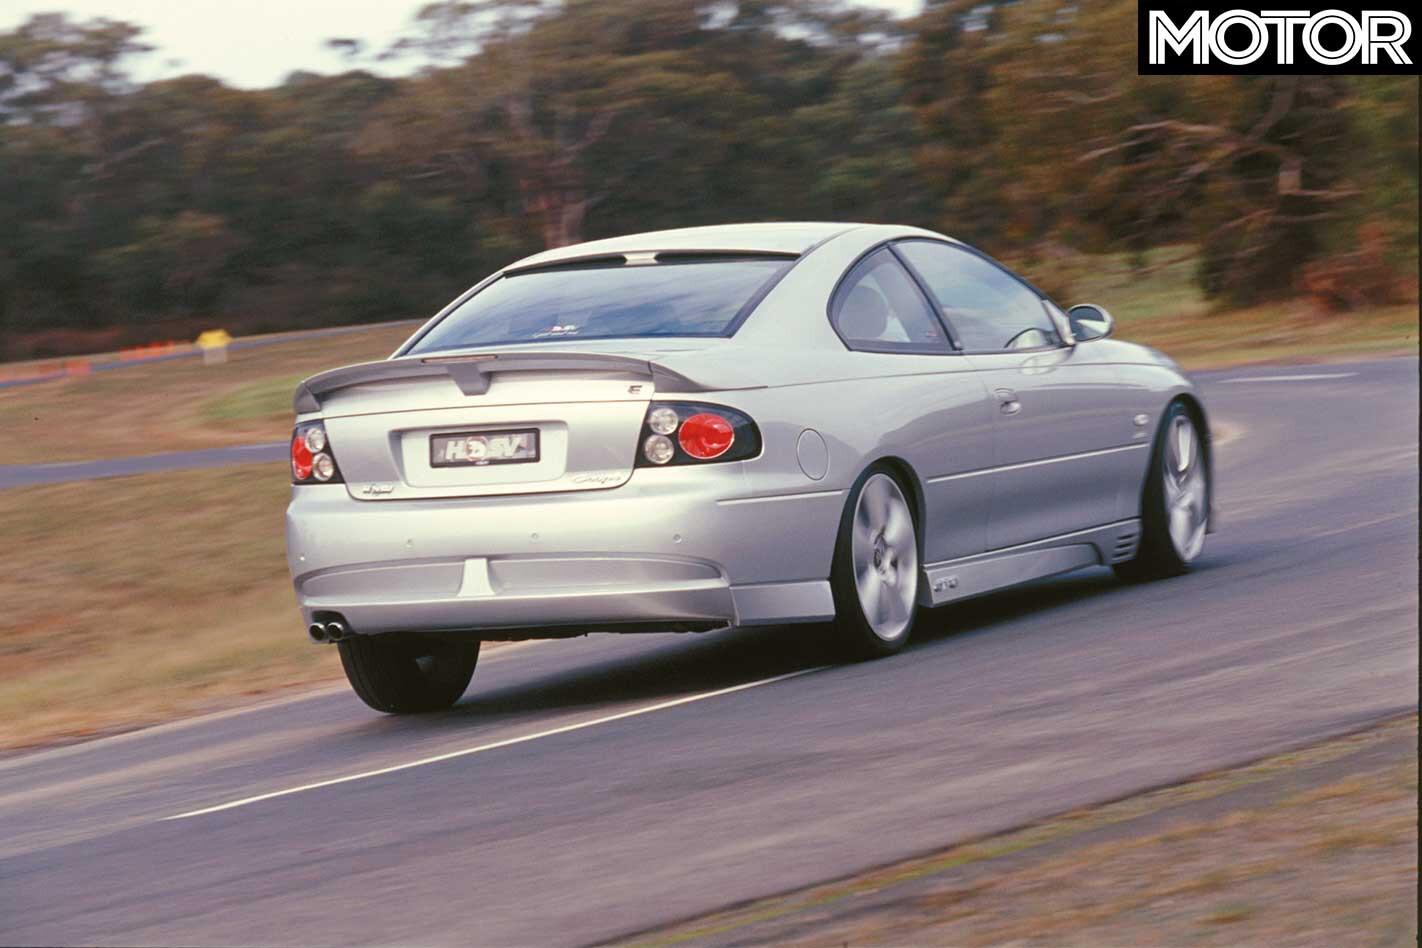 2004 HSV GTO Coupe LE Rear Jpg